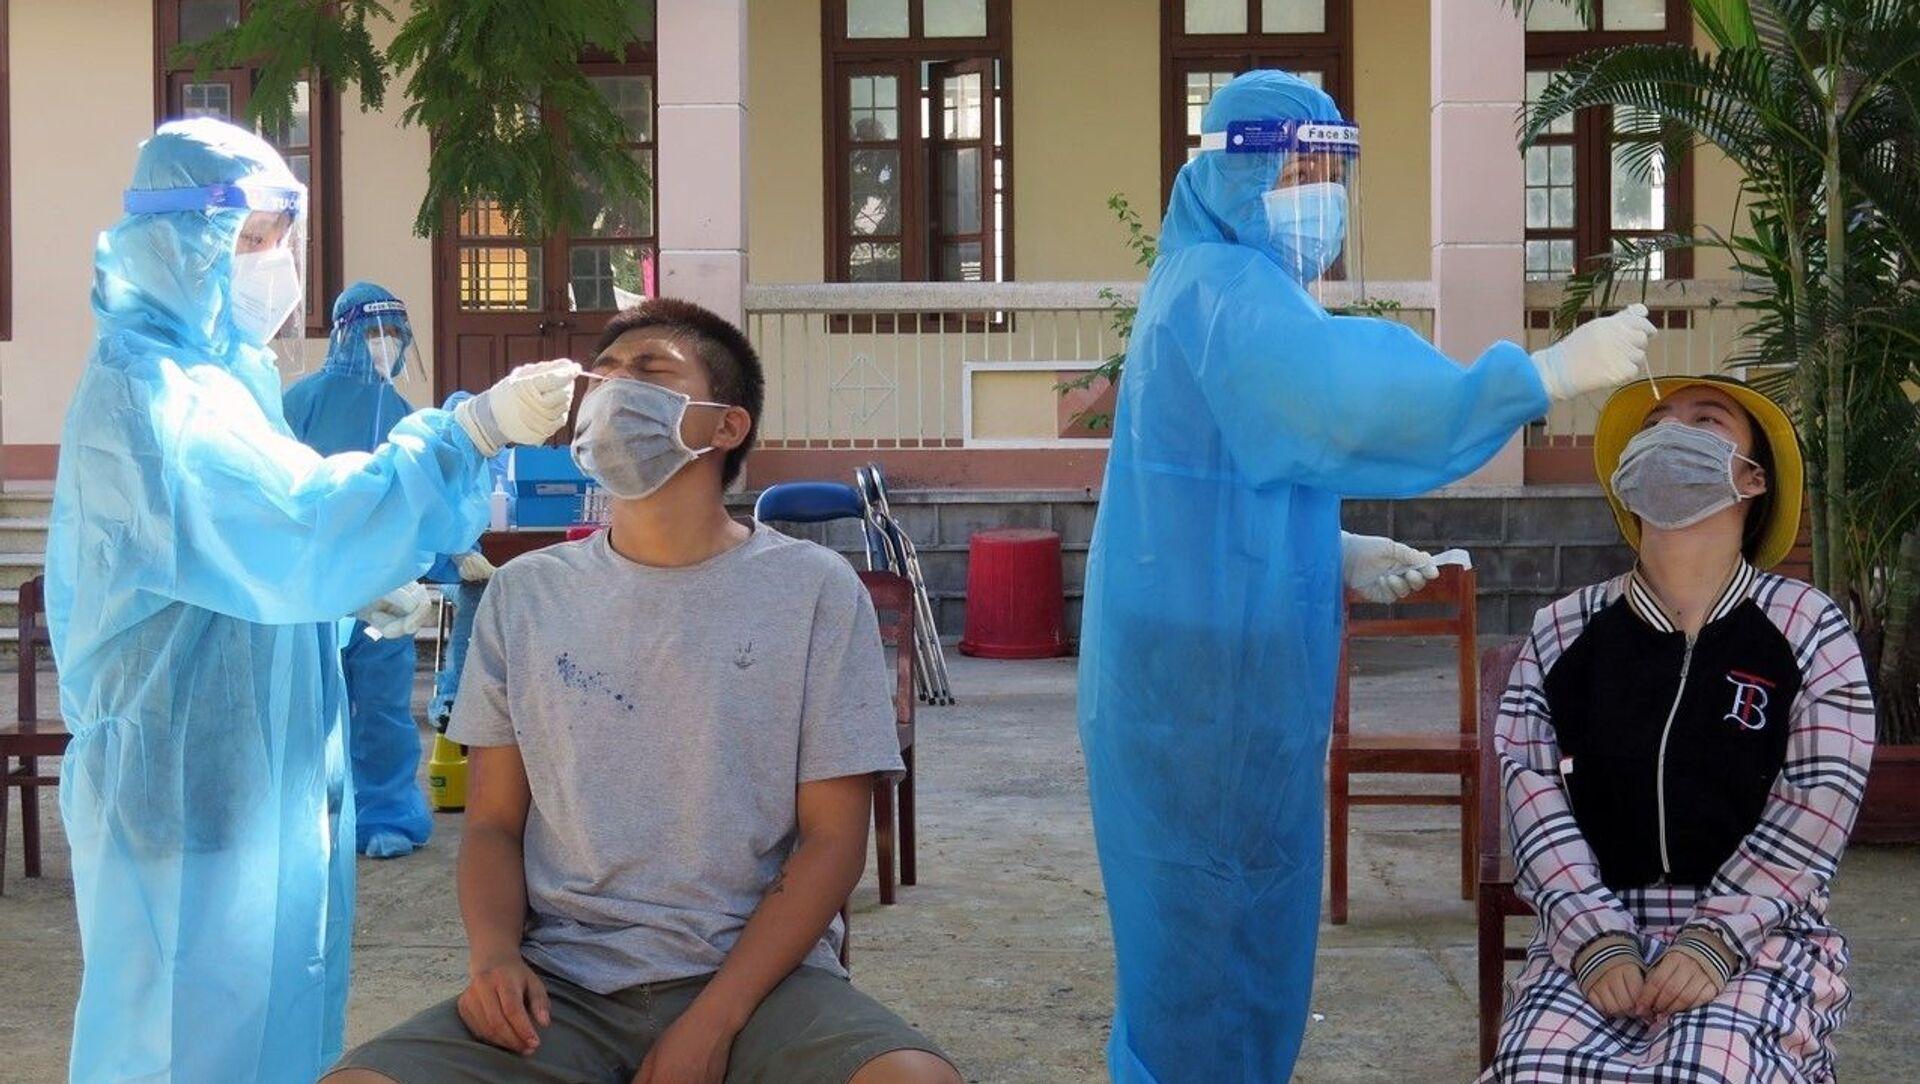 Tăng cường xét nghiệm SARS-CoV-2 tại thành phố Tuy Hòa. - Sputnik Việt Nam, 1920, 24.08.2021